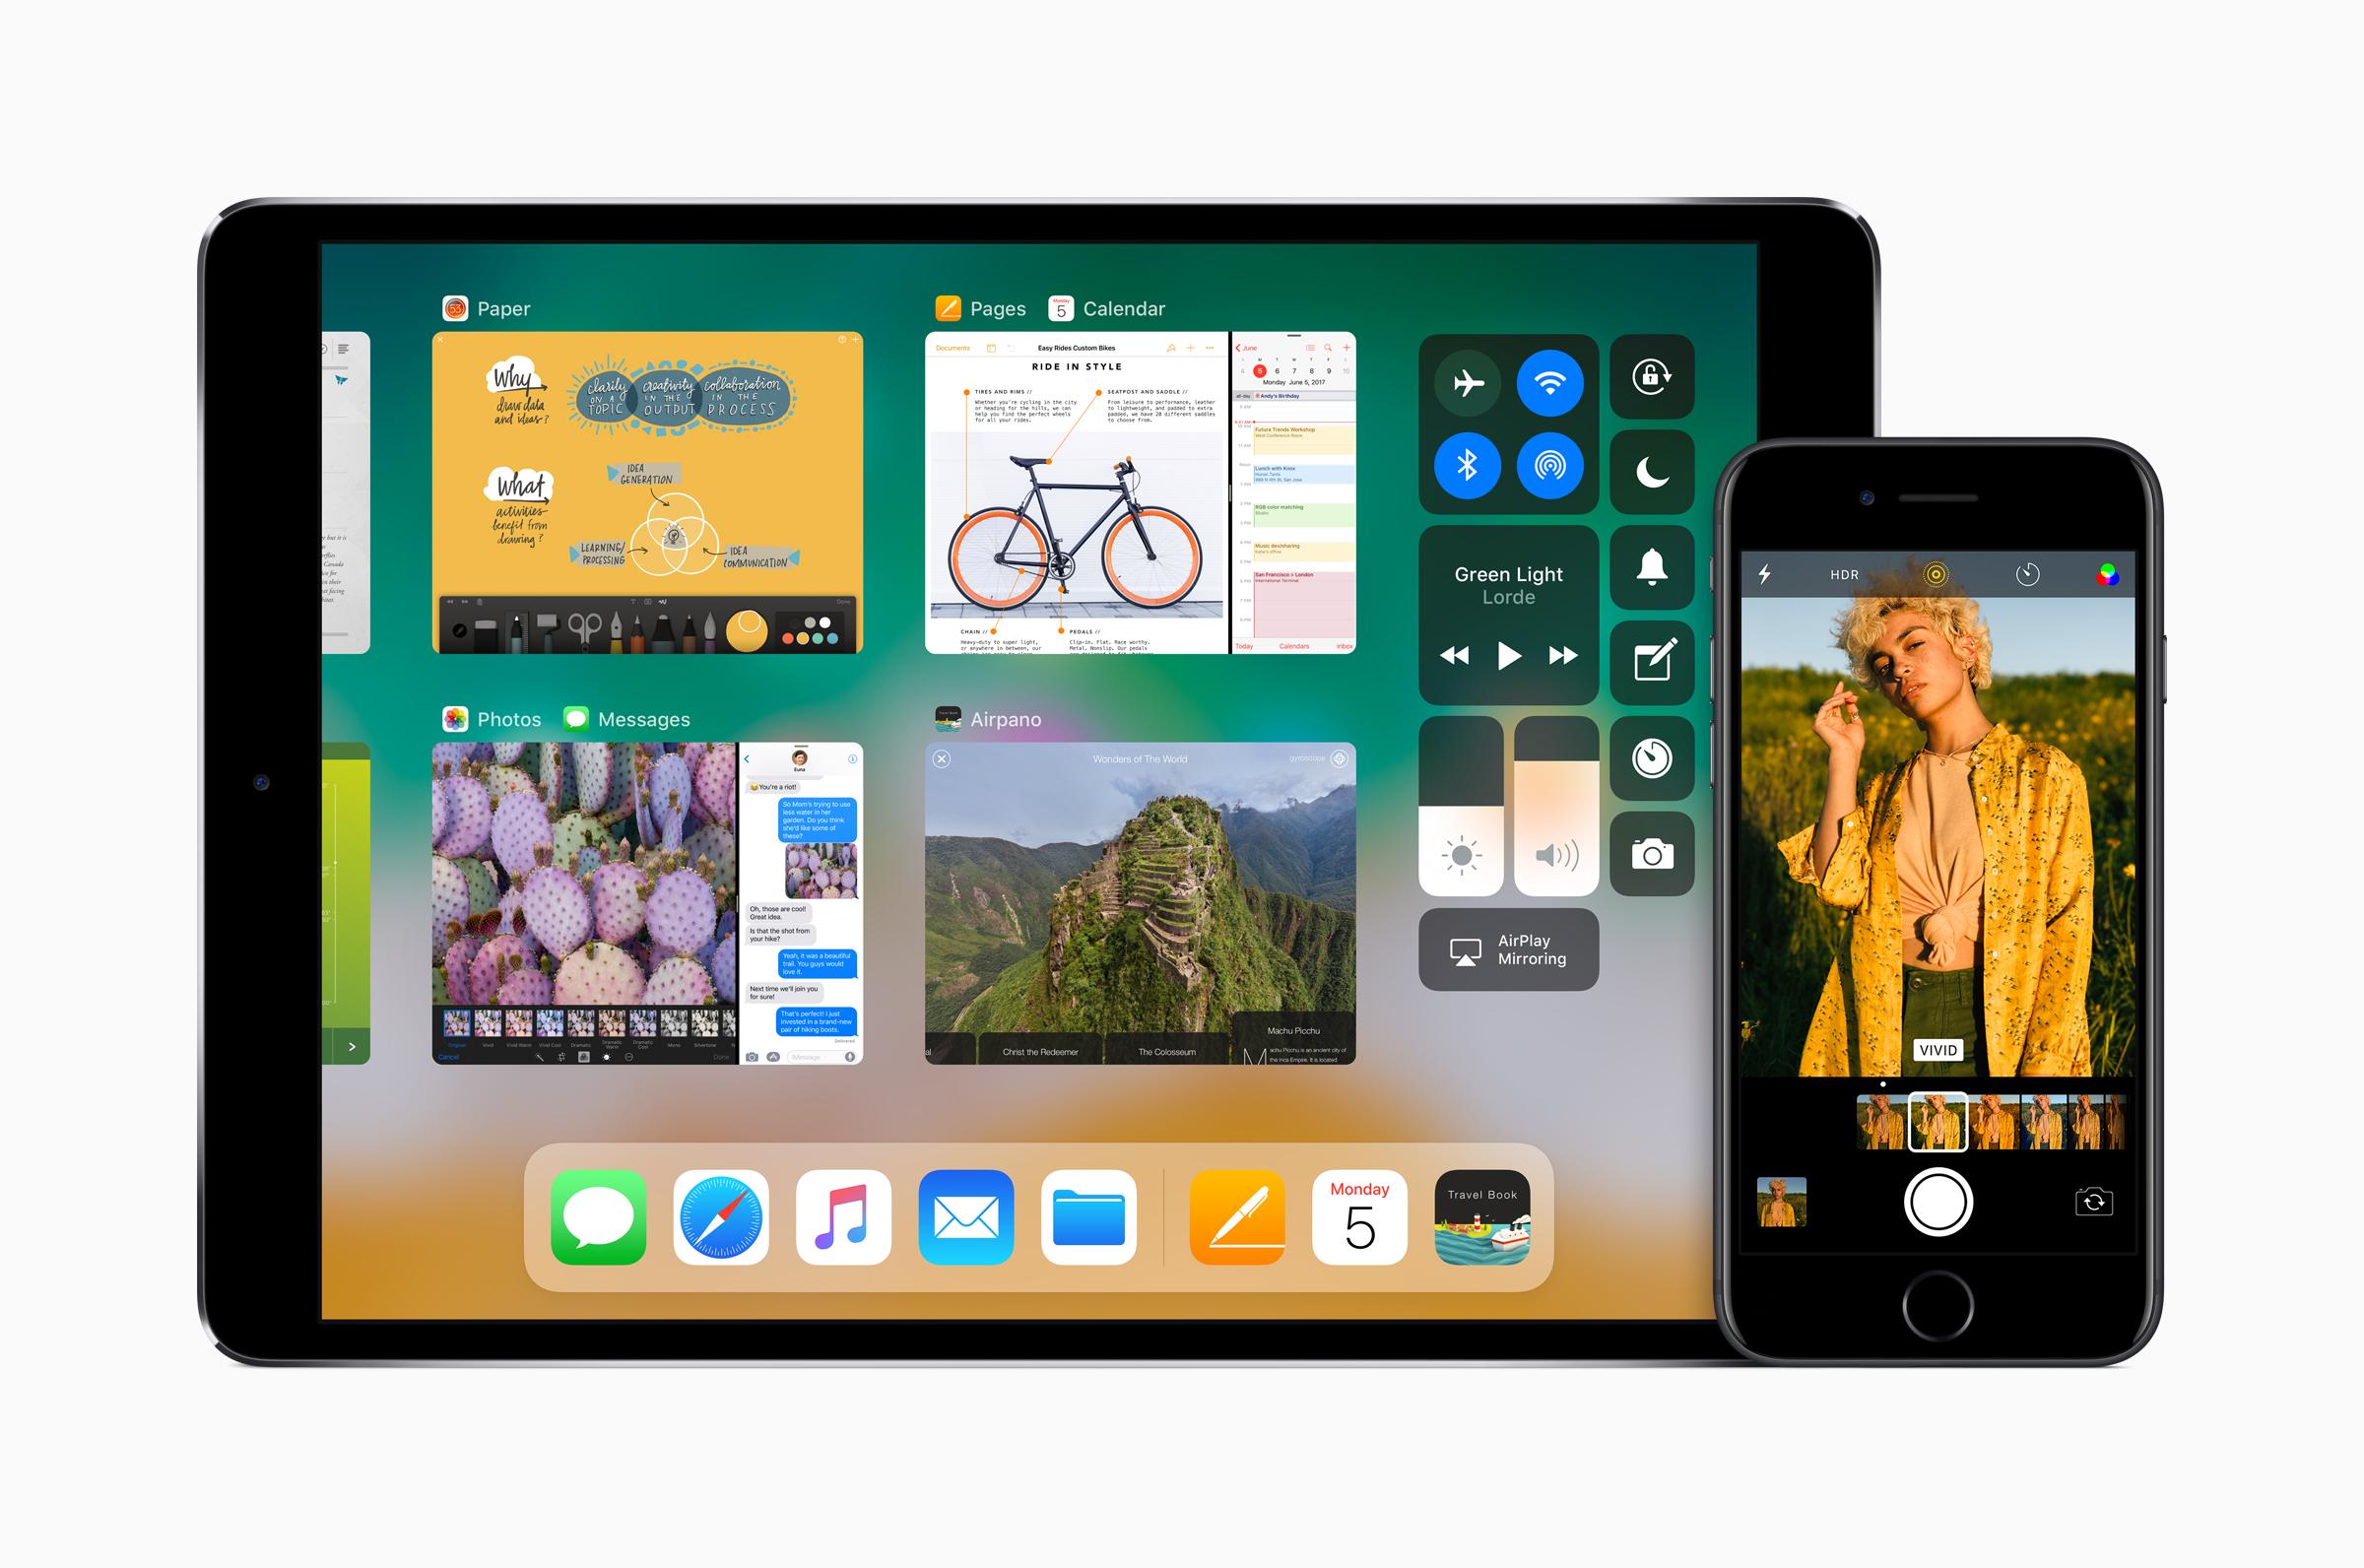 Apple iPad and iPhone running iOS 11